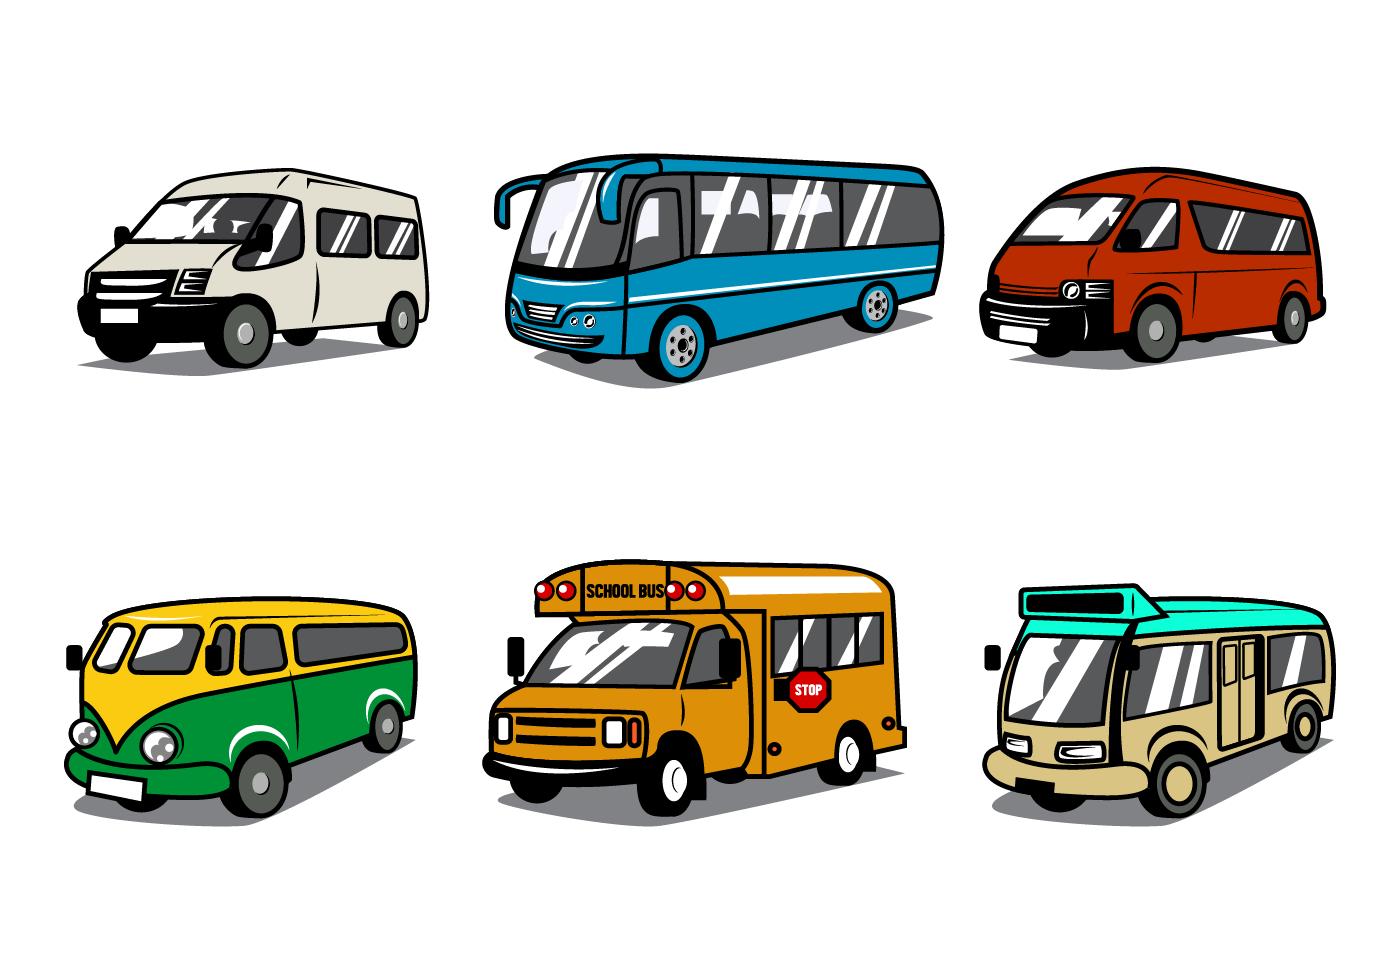 обладают микроавтобус картинка рисунок официального обозначения бачабози